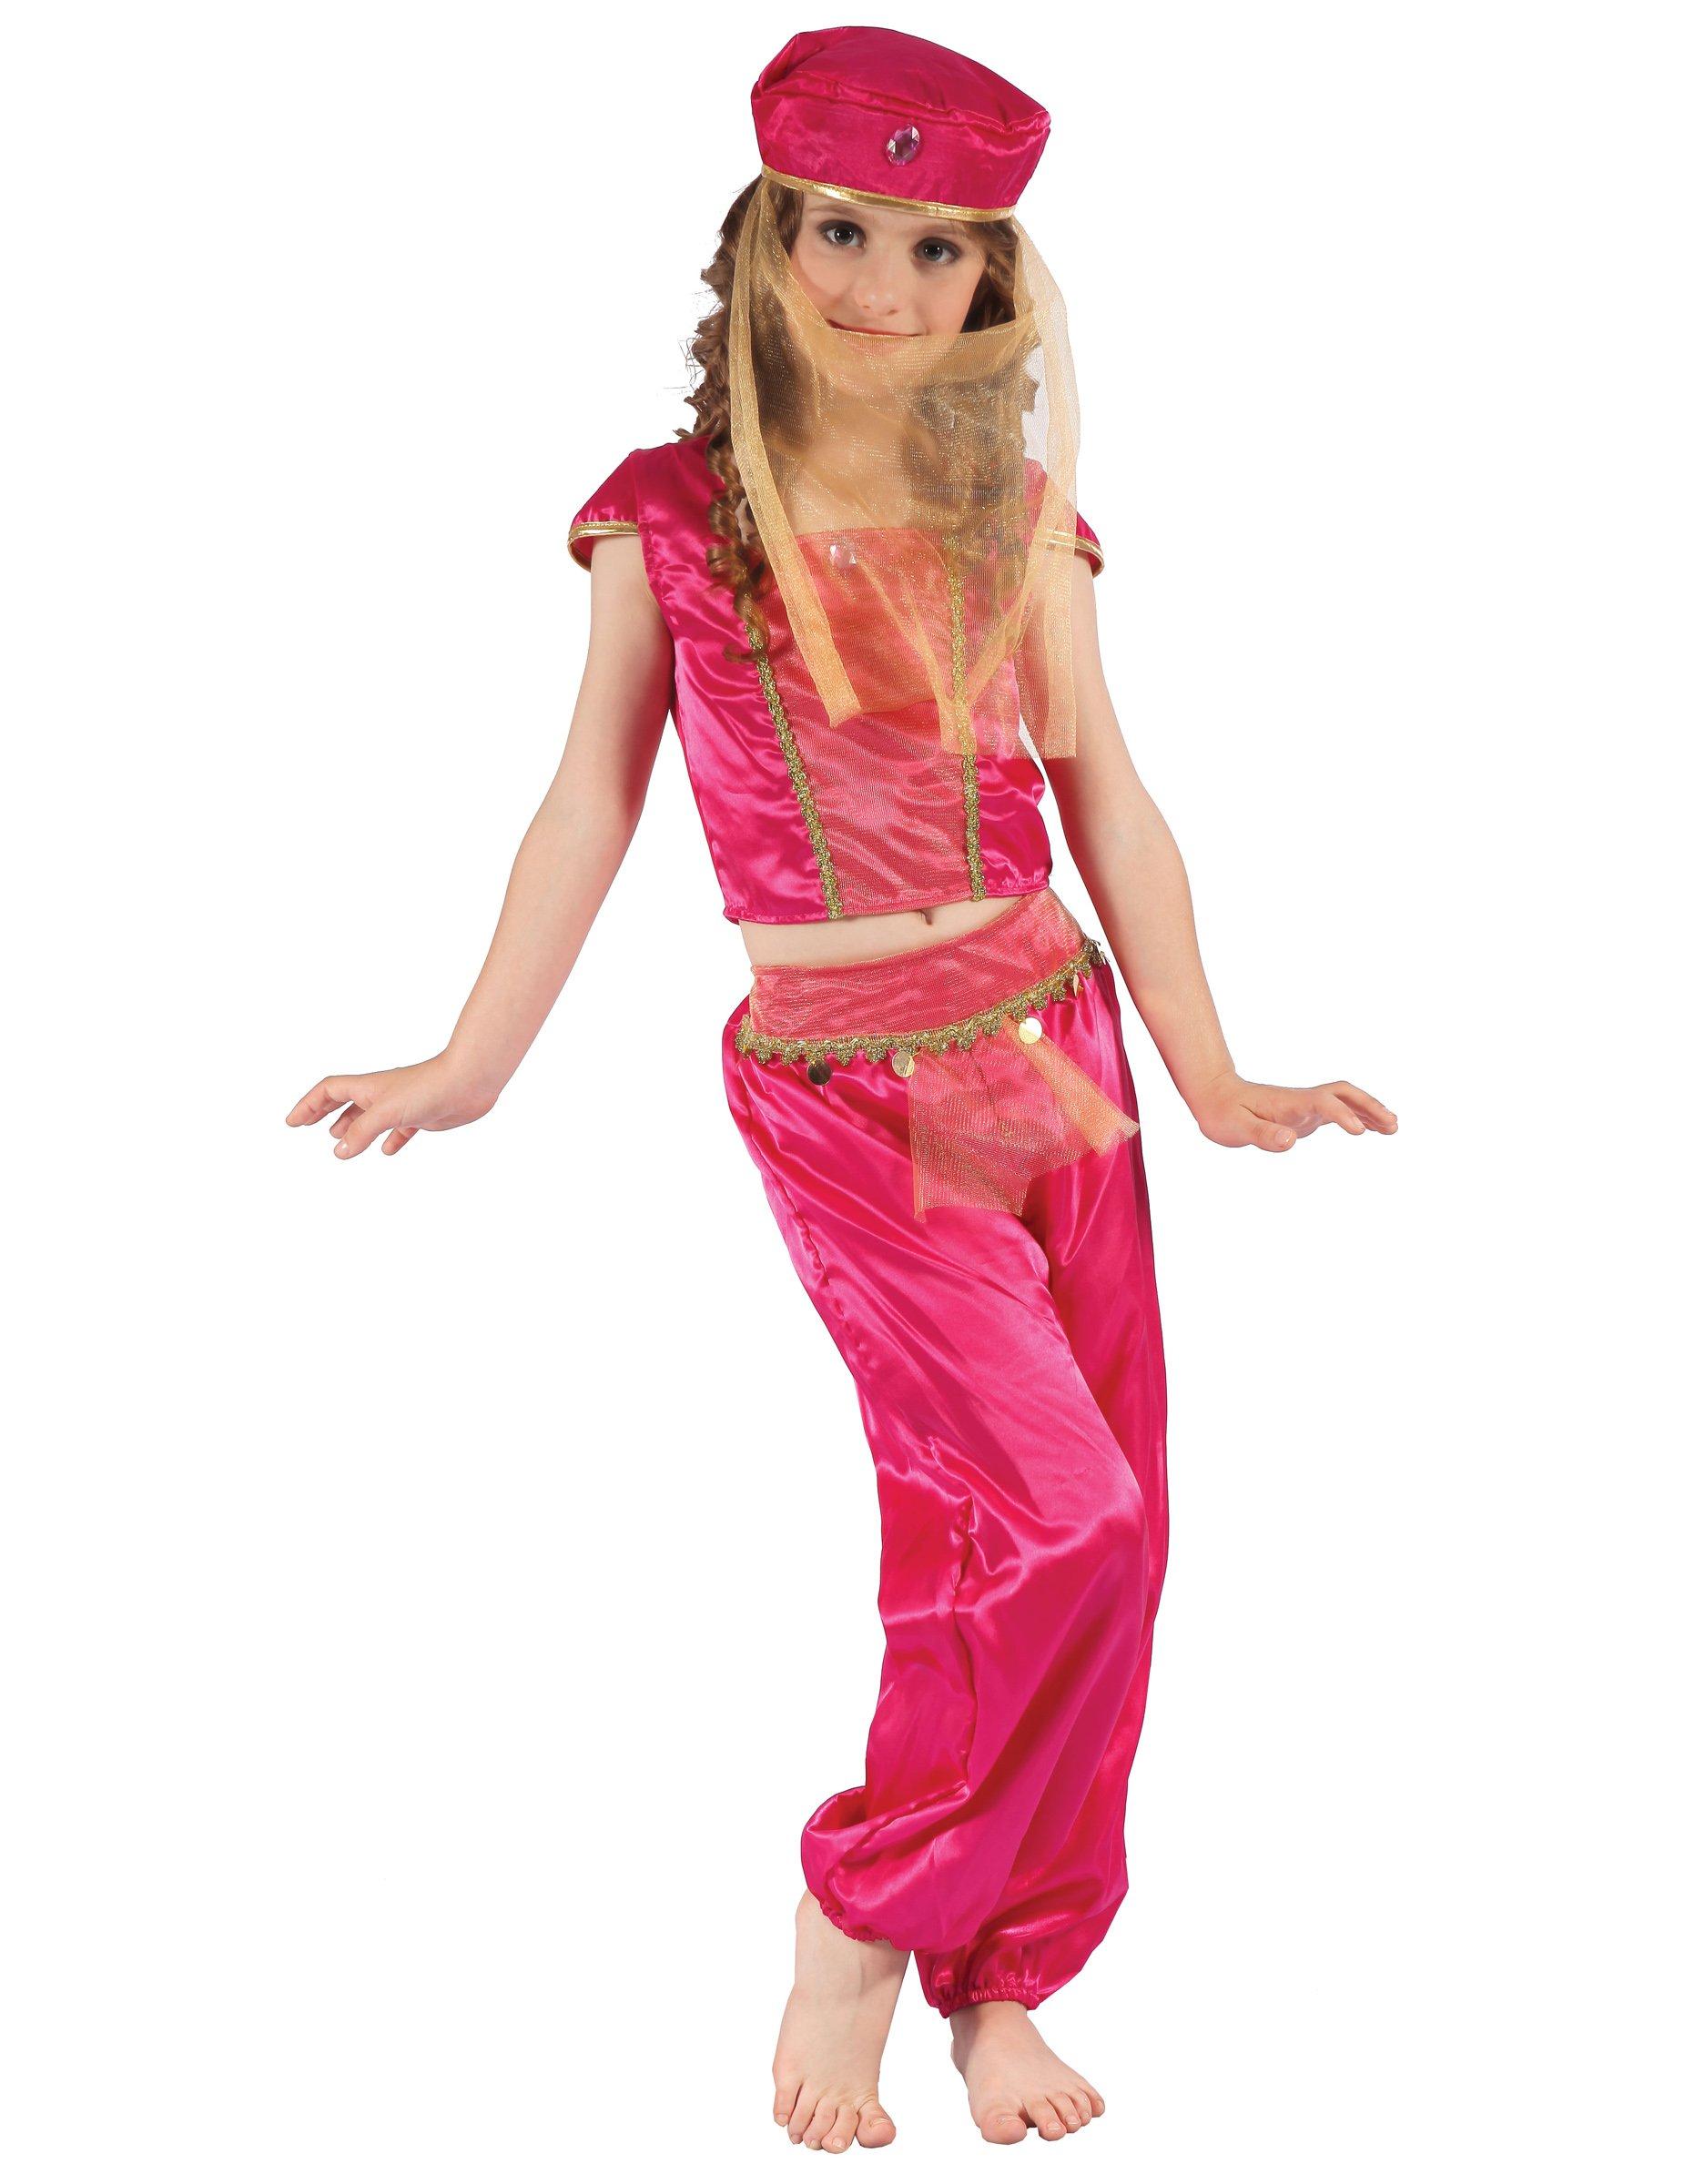 Susse Orientalische Tanzerin Kinderkostum Pink Gunstige Faschings